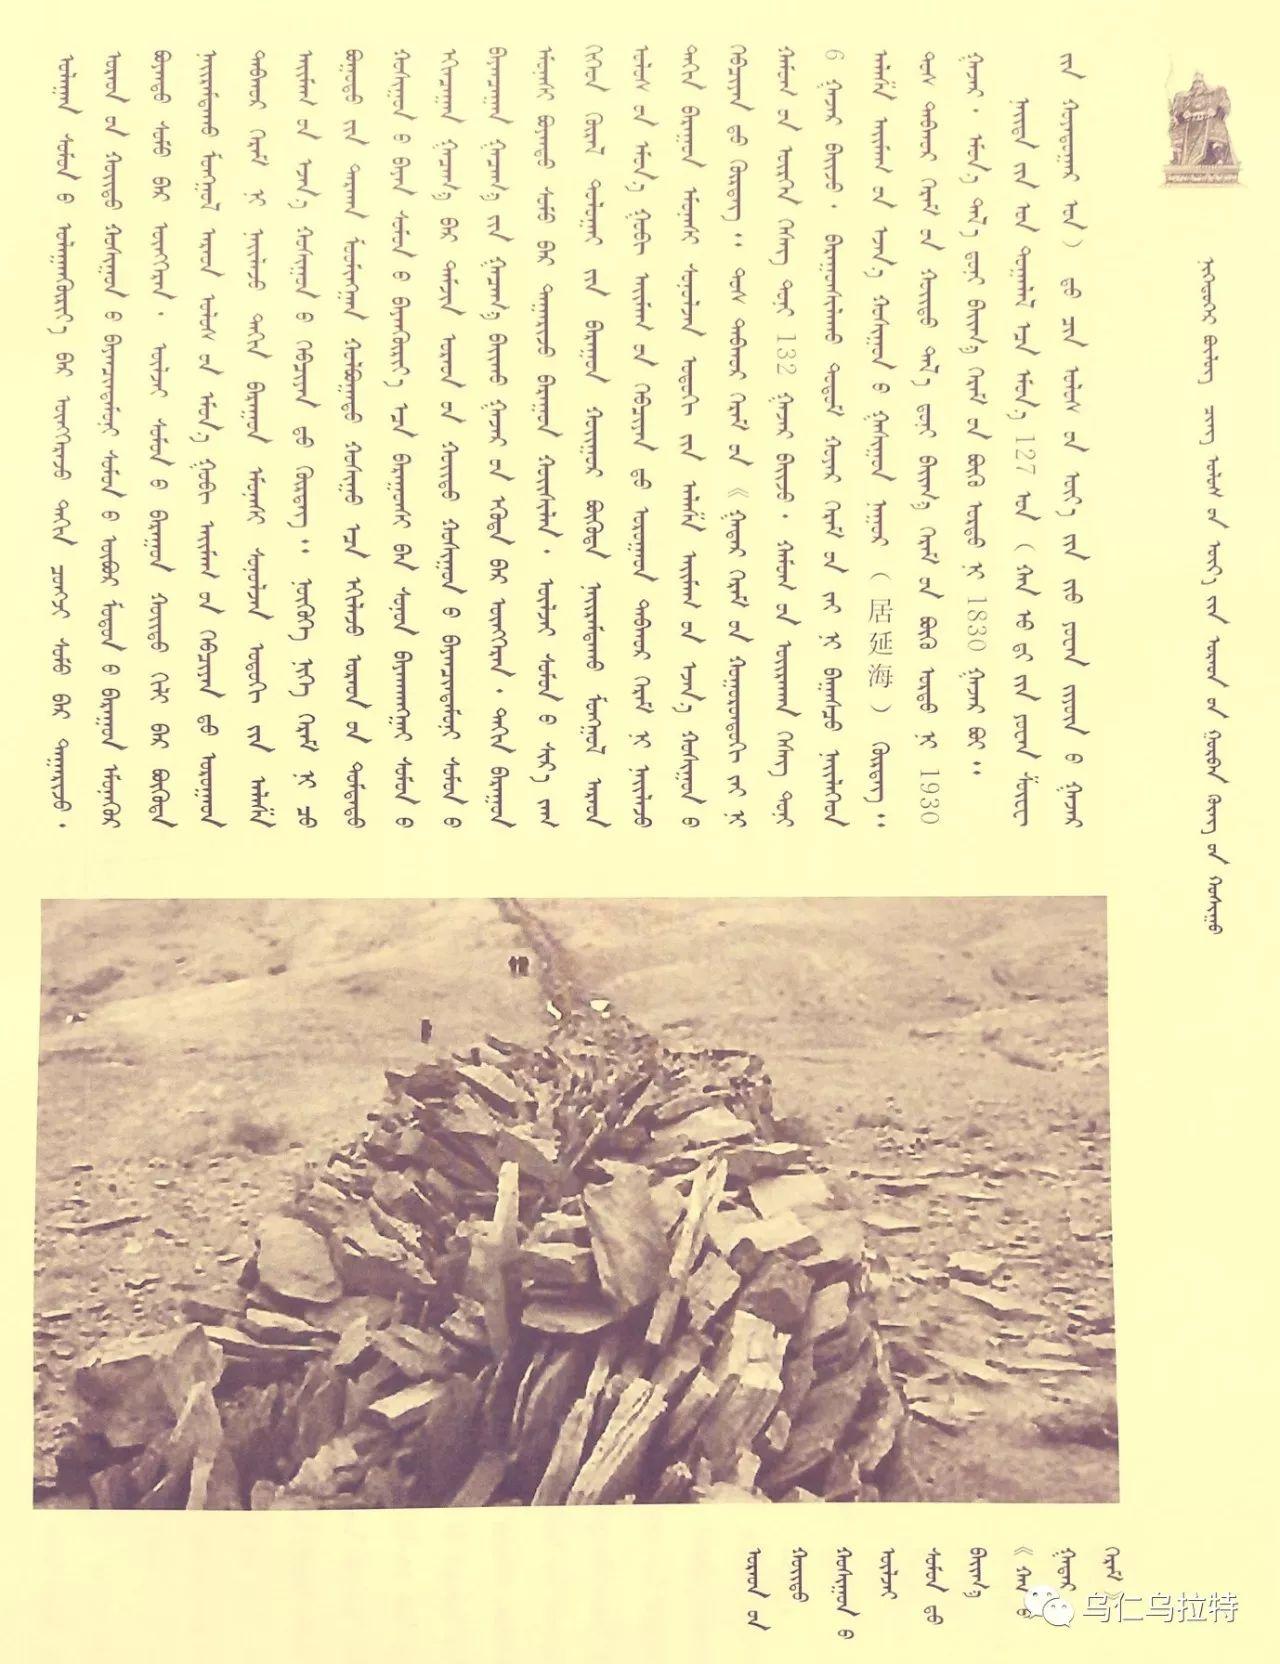 图书介绍《乌拉特历史文化》 第33张